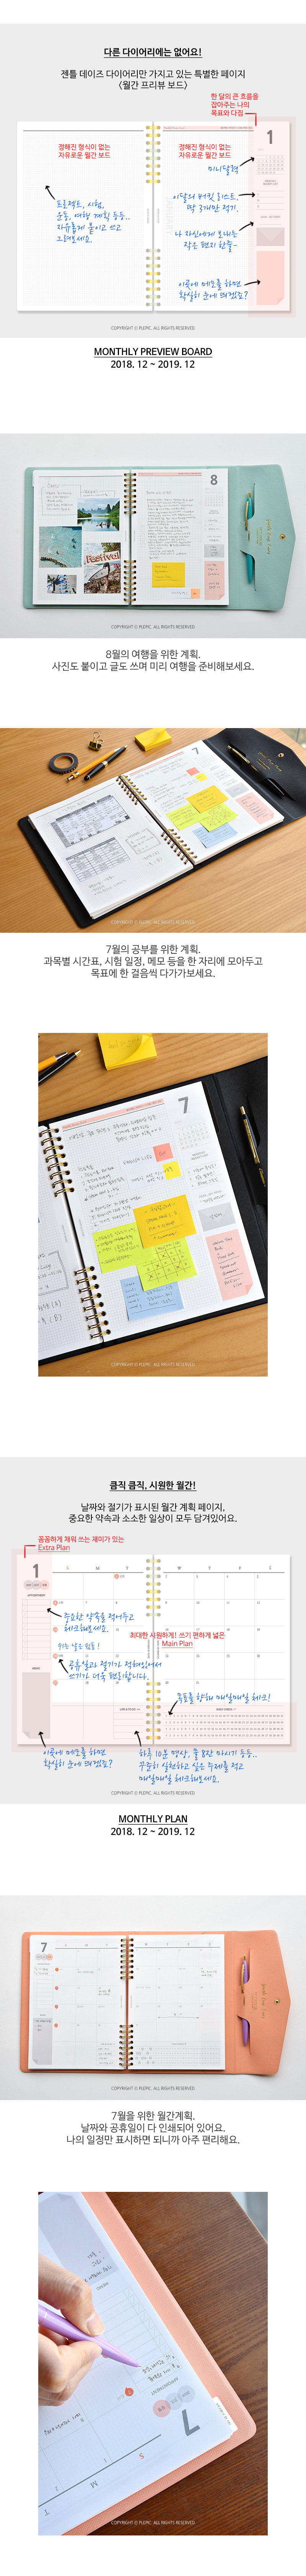 2019 Gentle Days Diary22,000원-플레픽디자인문구, 다이어리/캘린더, 2019 다이어리, 심플/베이직바보사랑2019 Gentle Days Diary22,000원-플레픽디자인문구, 다이어리/캘린더, 2019 다이어리, 심플/베이직바보사랑